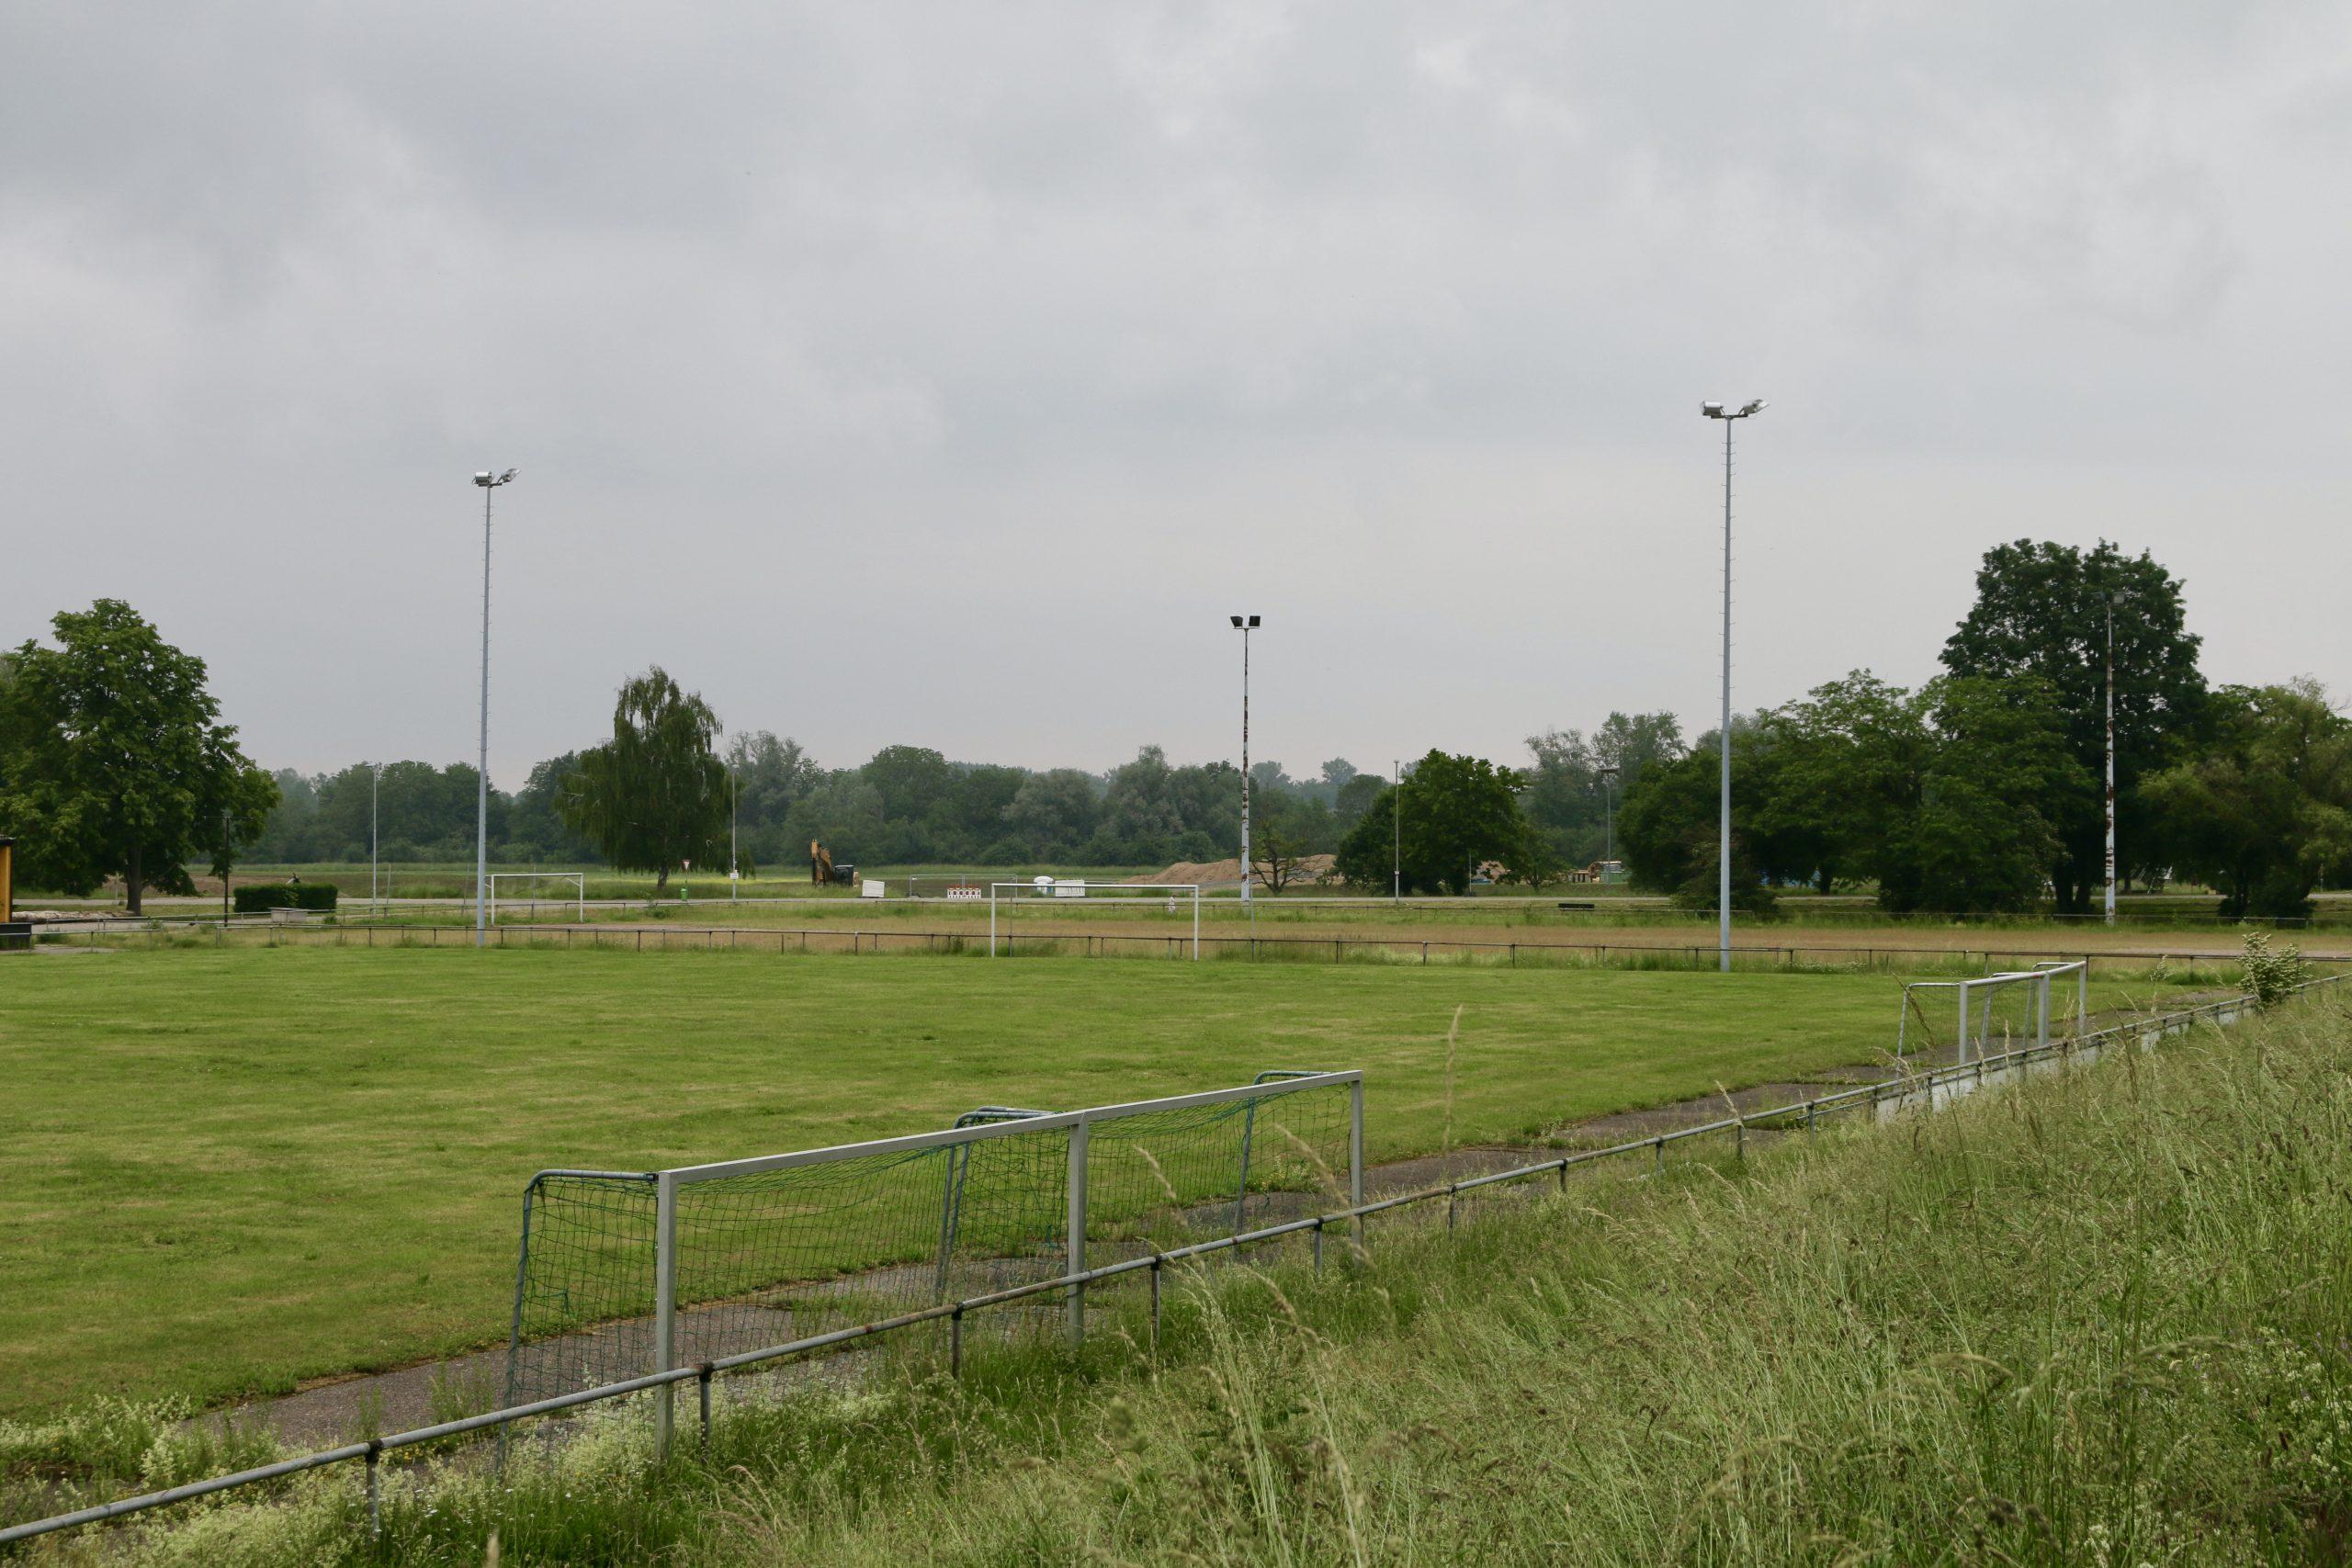 Landeszuschuss für Elchesheim-Illingen: 127.500 € für neue Sportstätte am Altrhein